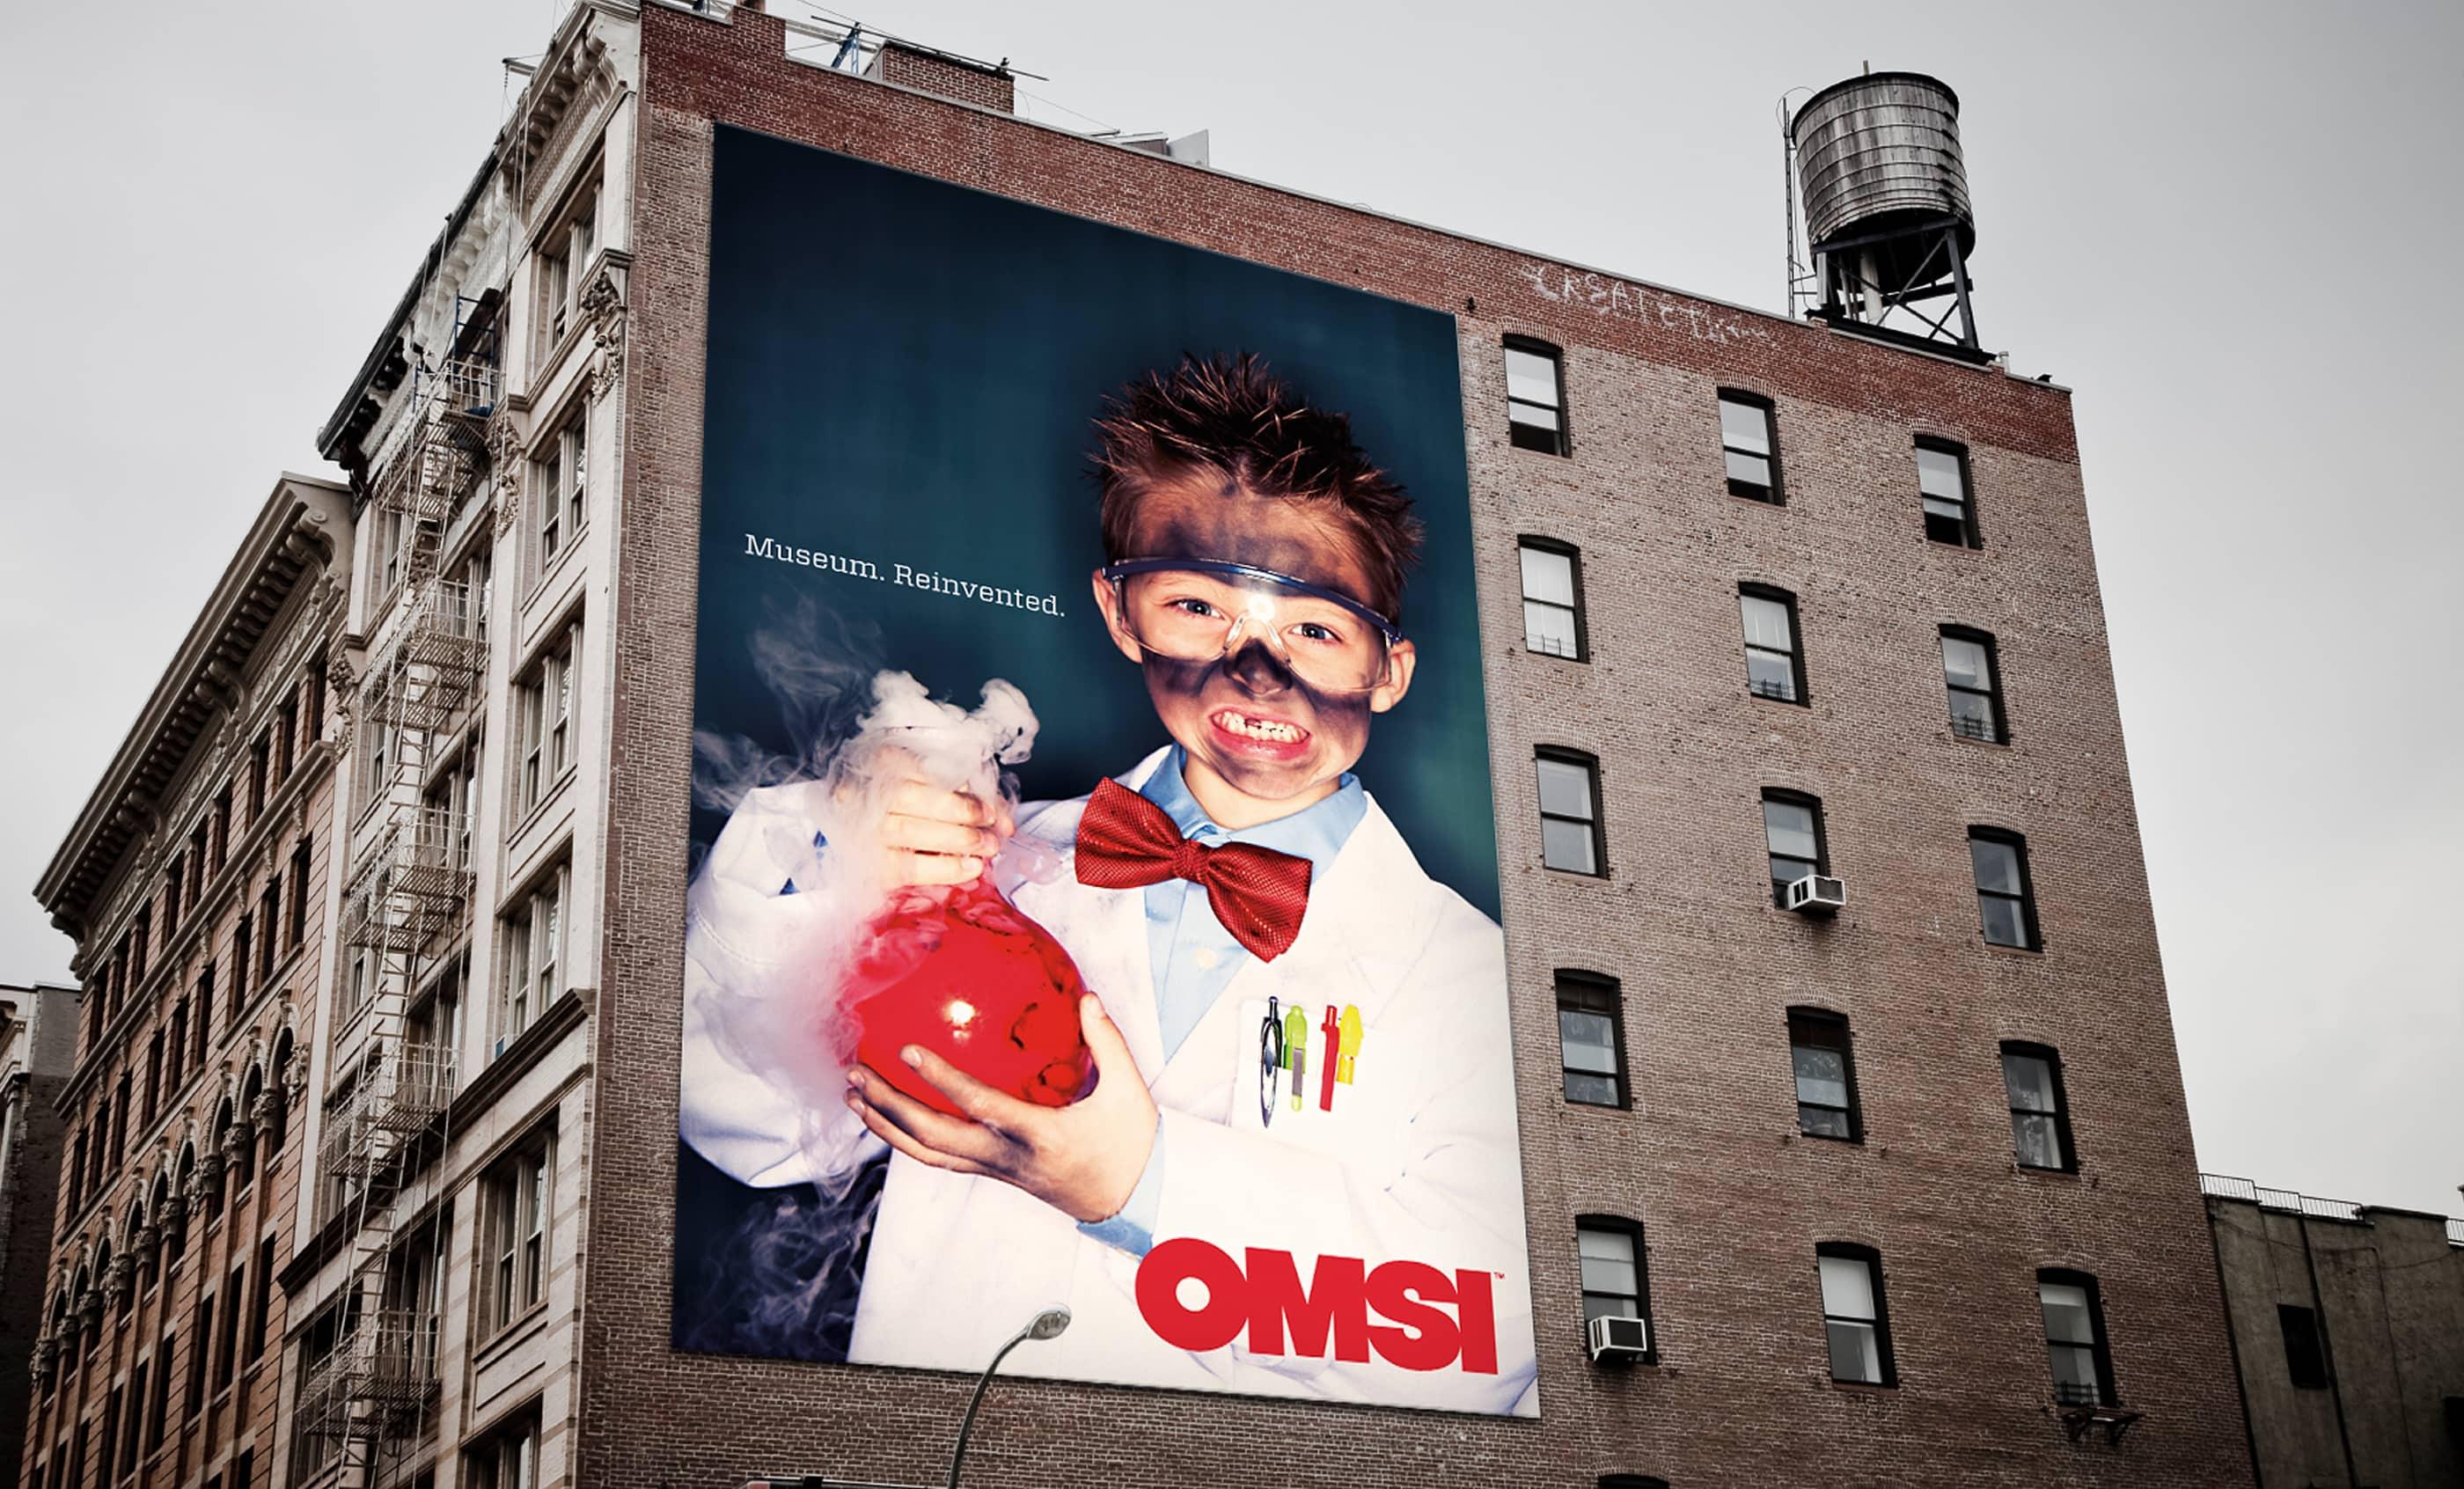 OMSI Rebranding Campaign Billboard